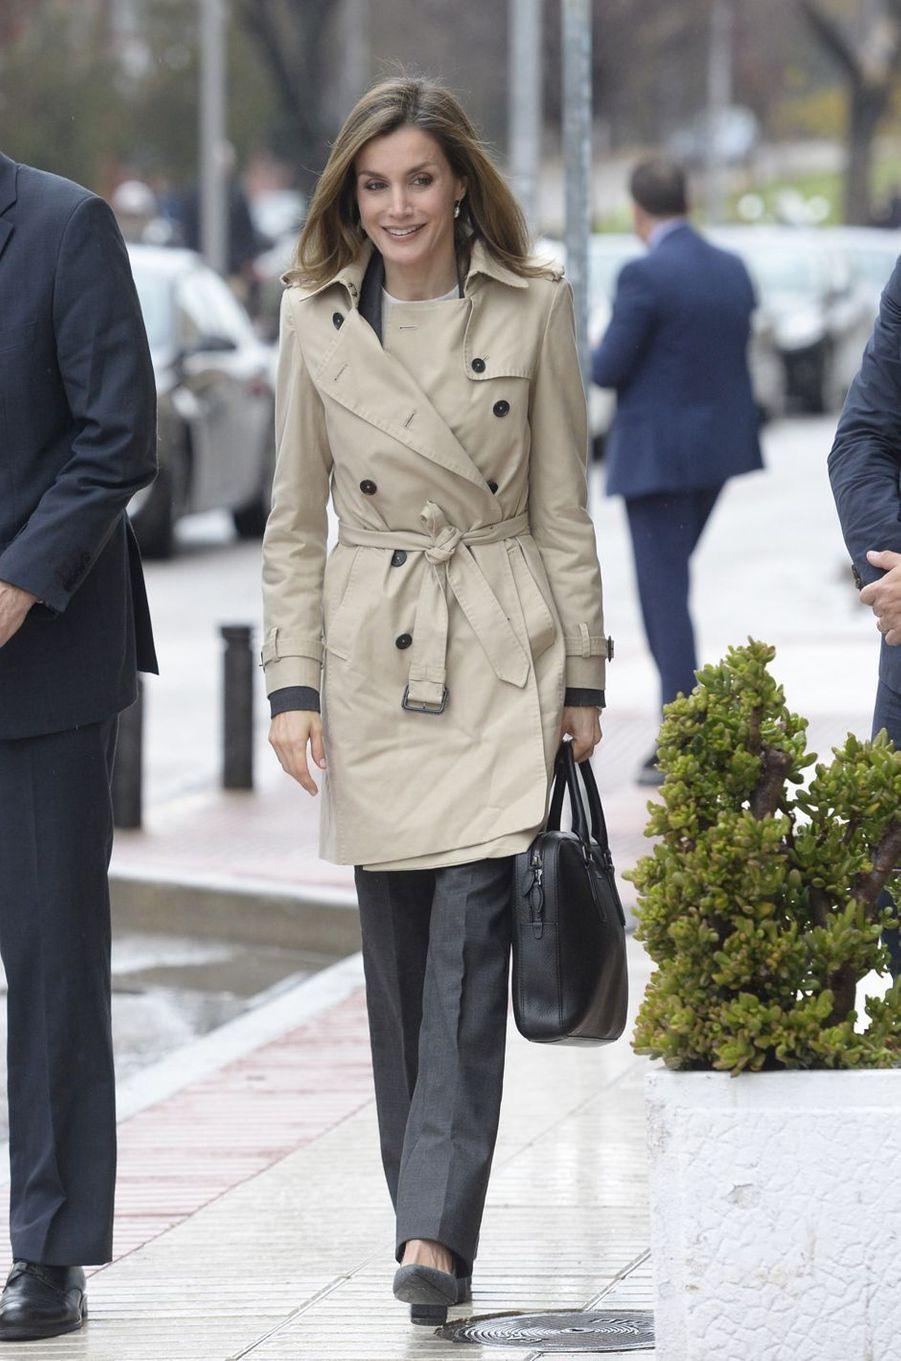 La reine Letizia d'Espagne à Madrid, le 16 décembre 2016